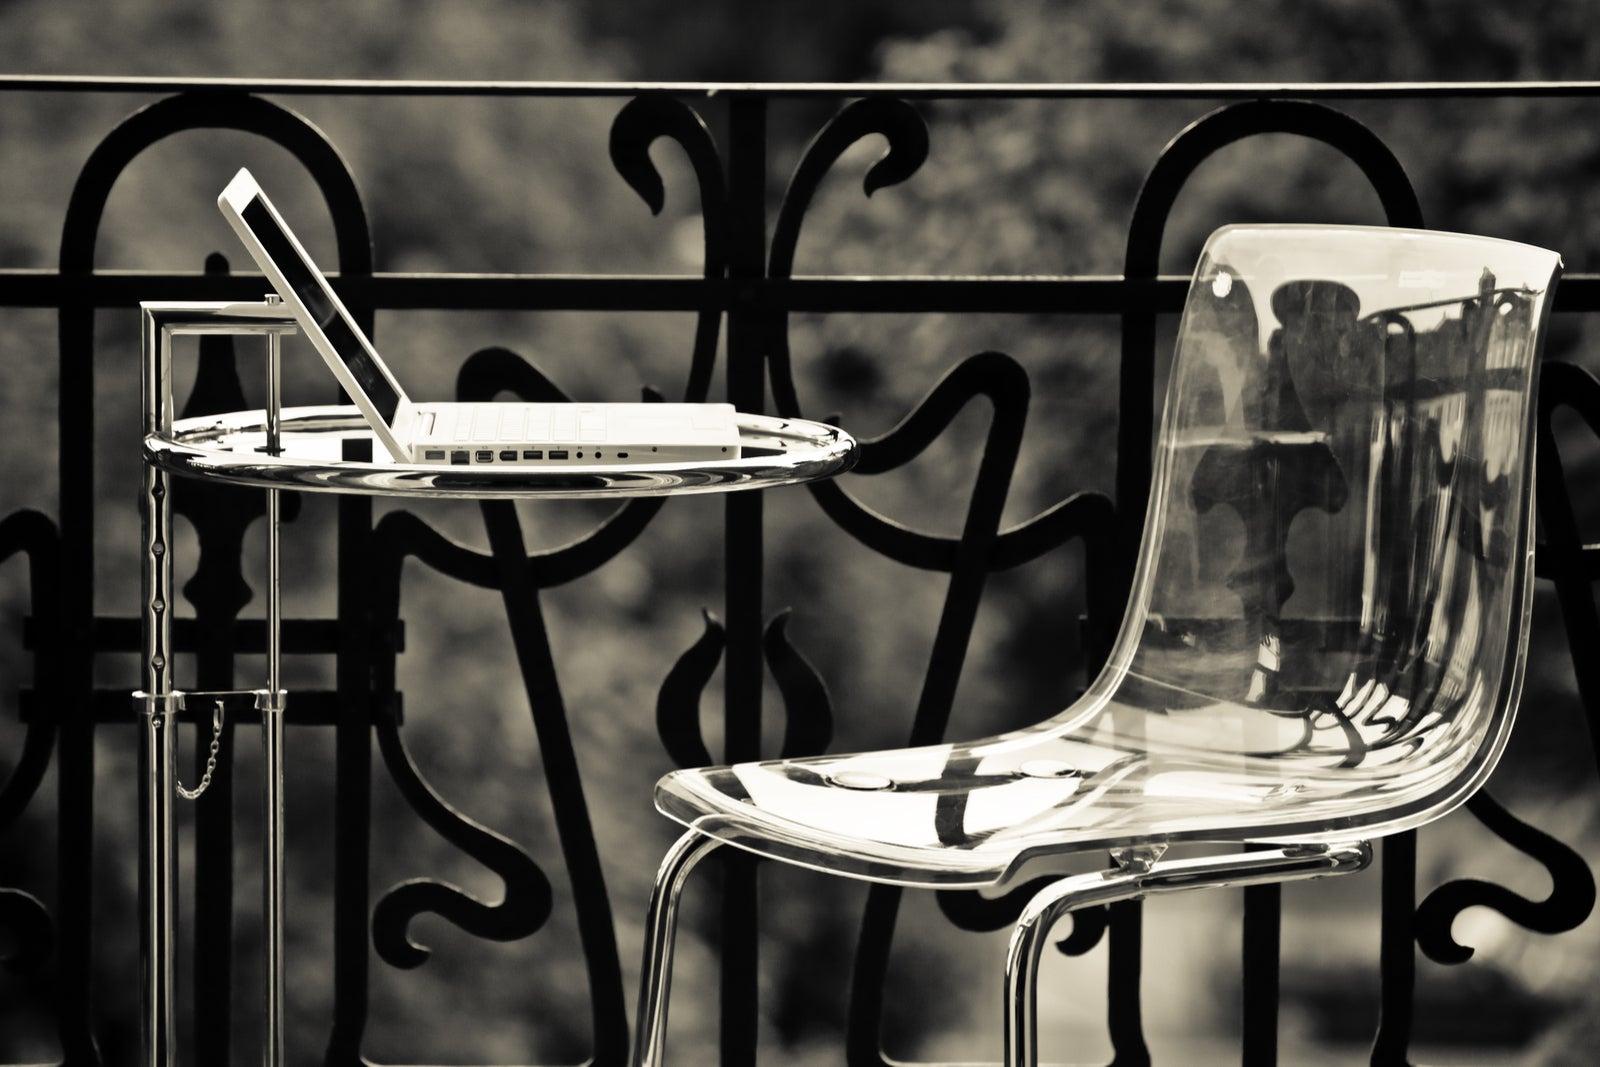 Sillas de metacrilato: una forma elegante de ganar espacio